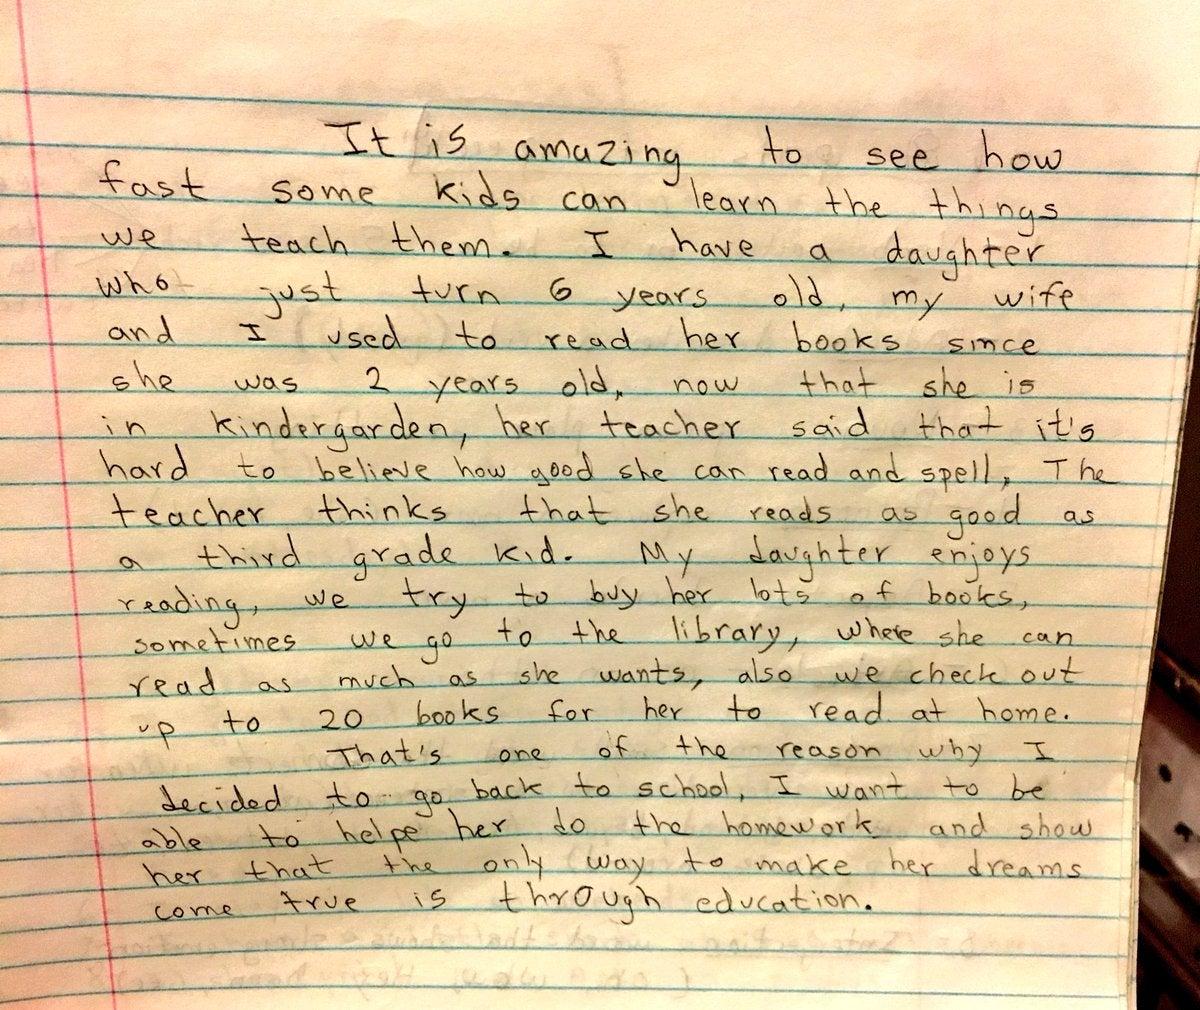 La carta fue escrita como una de sus tareas de inglés.